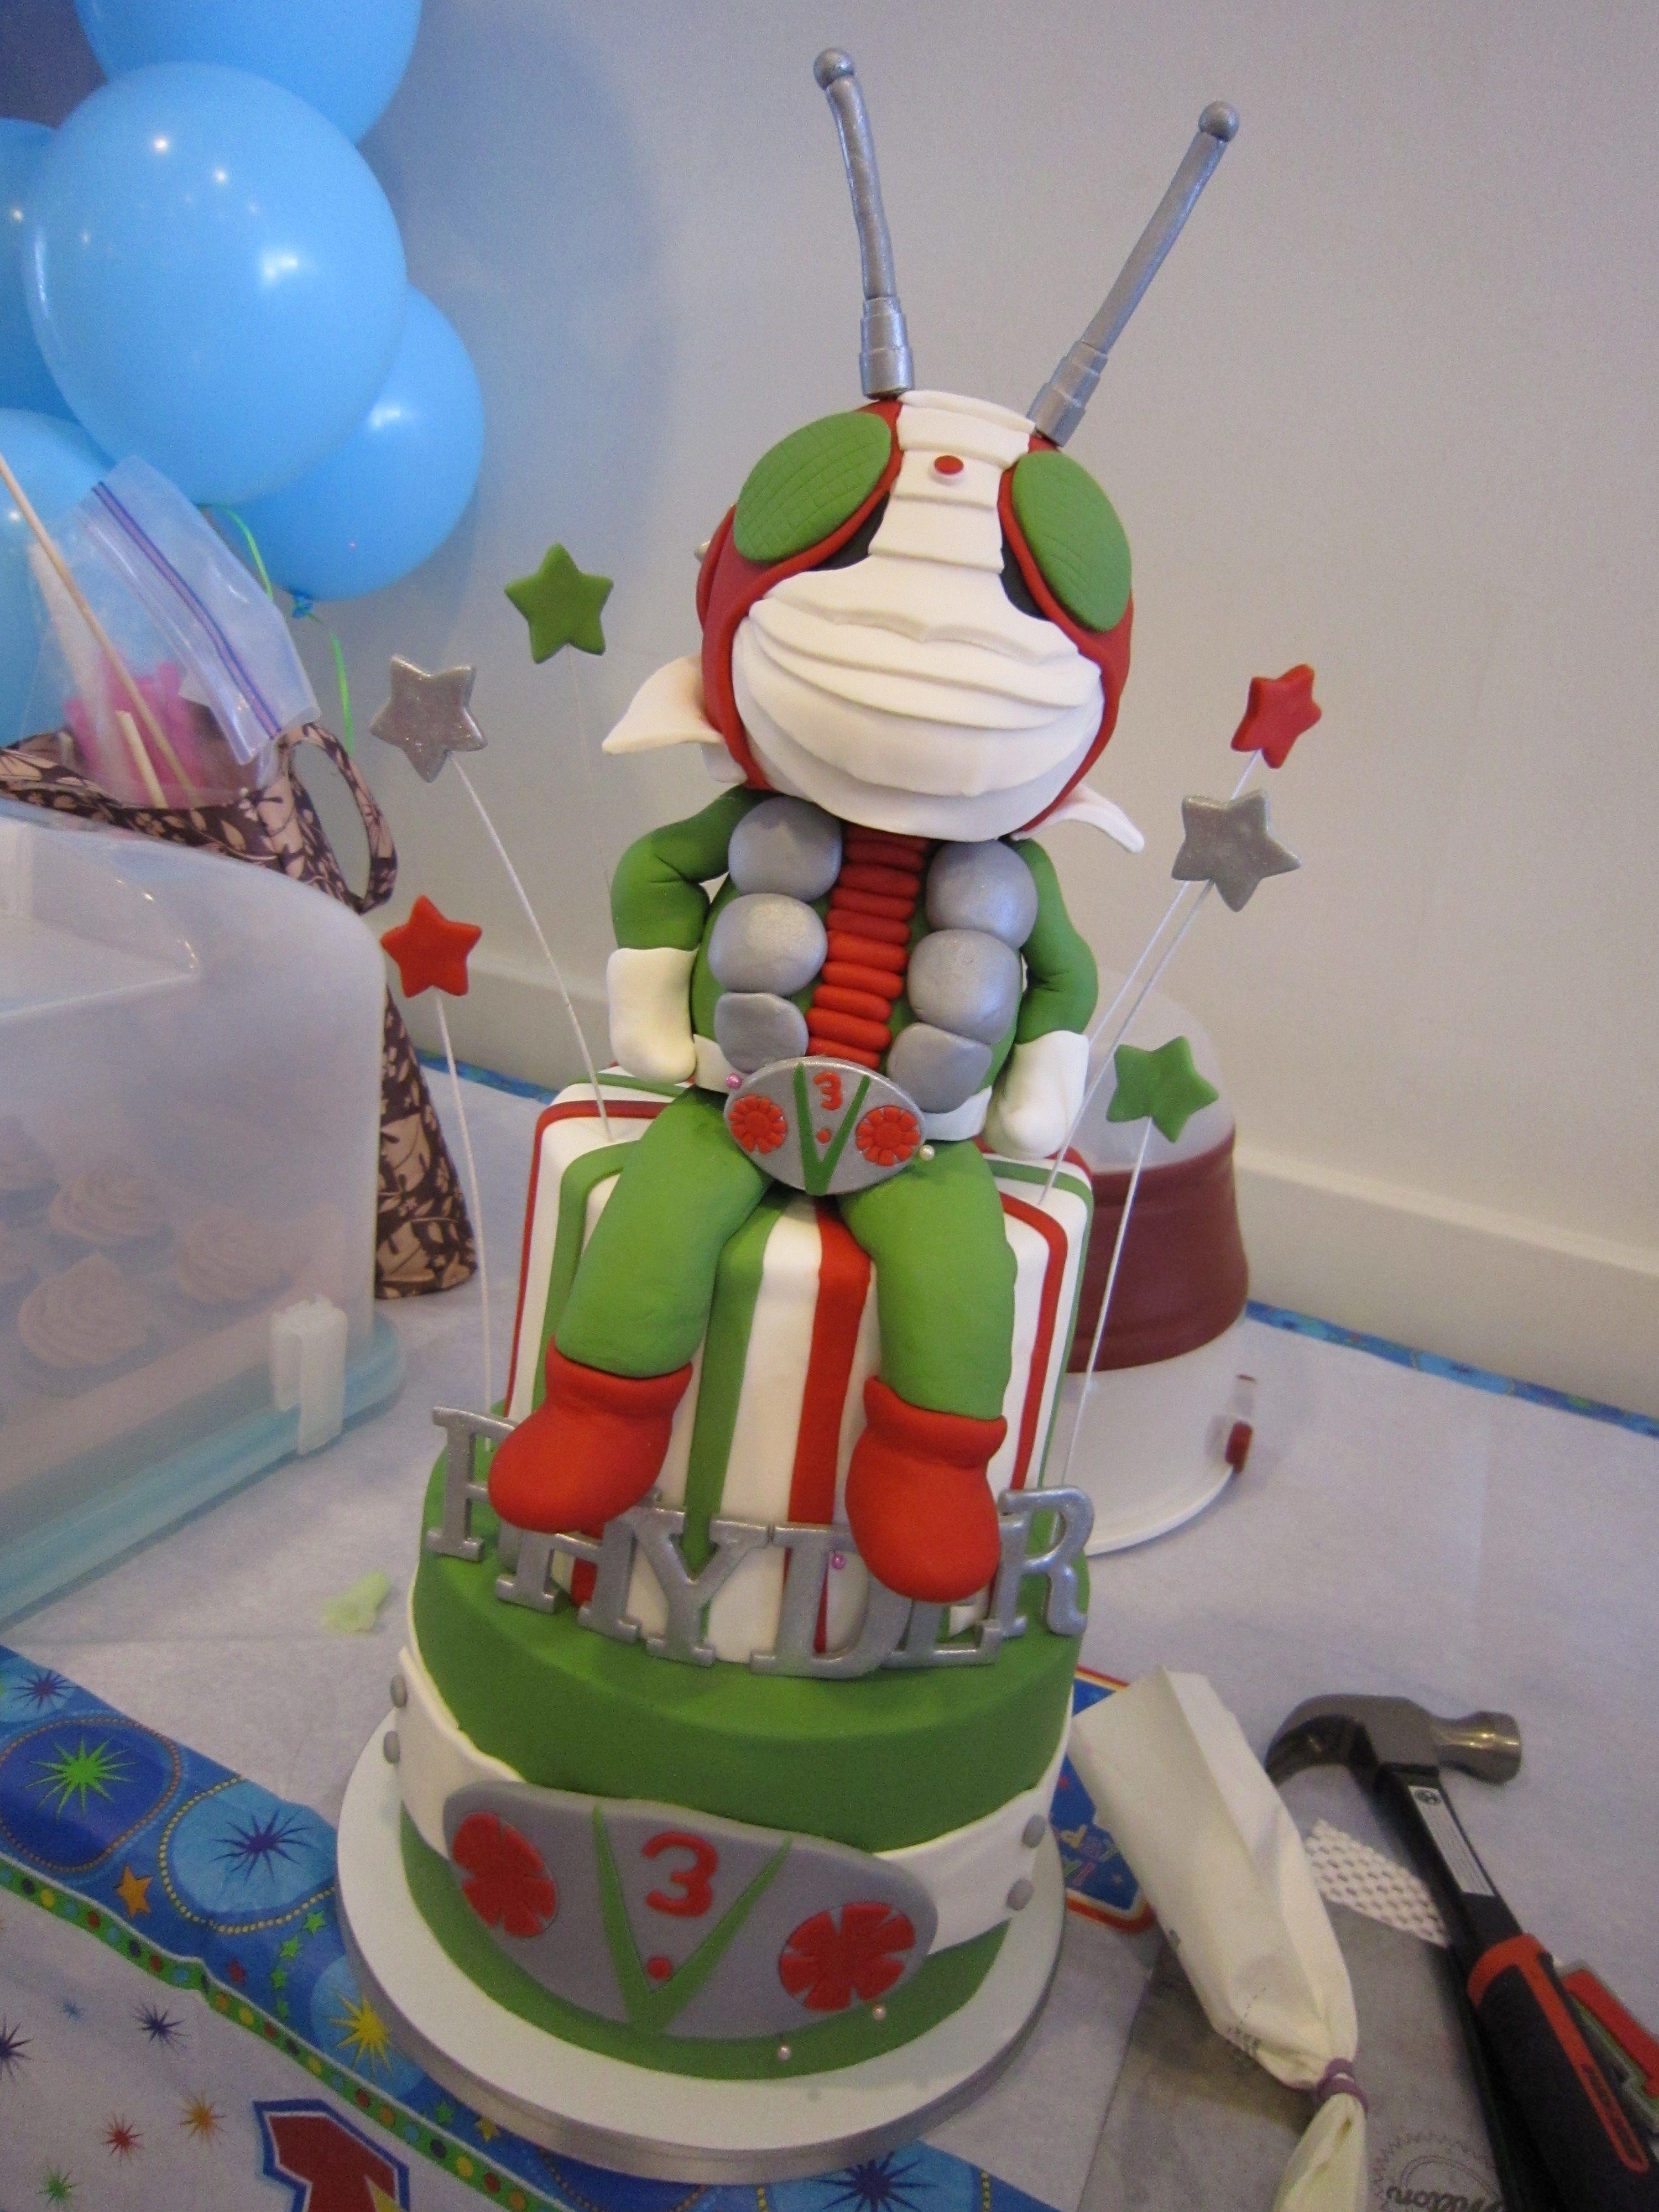 Kamen Rider Cake Isn T This Incredible At My Nephew